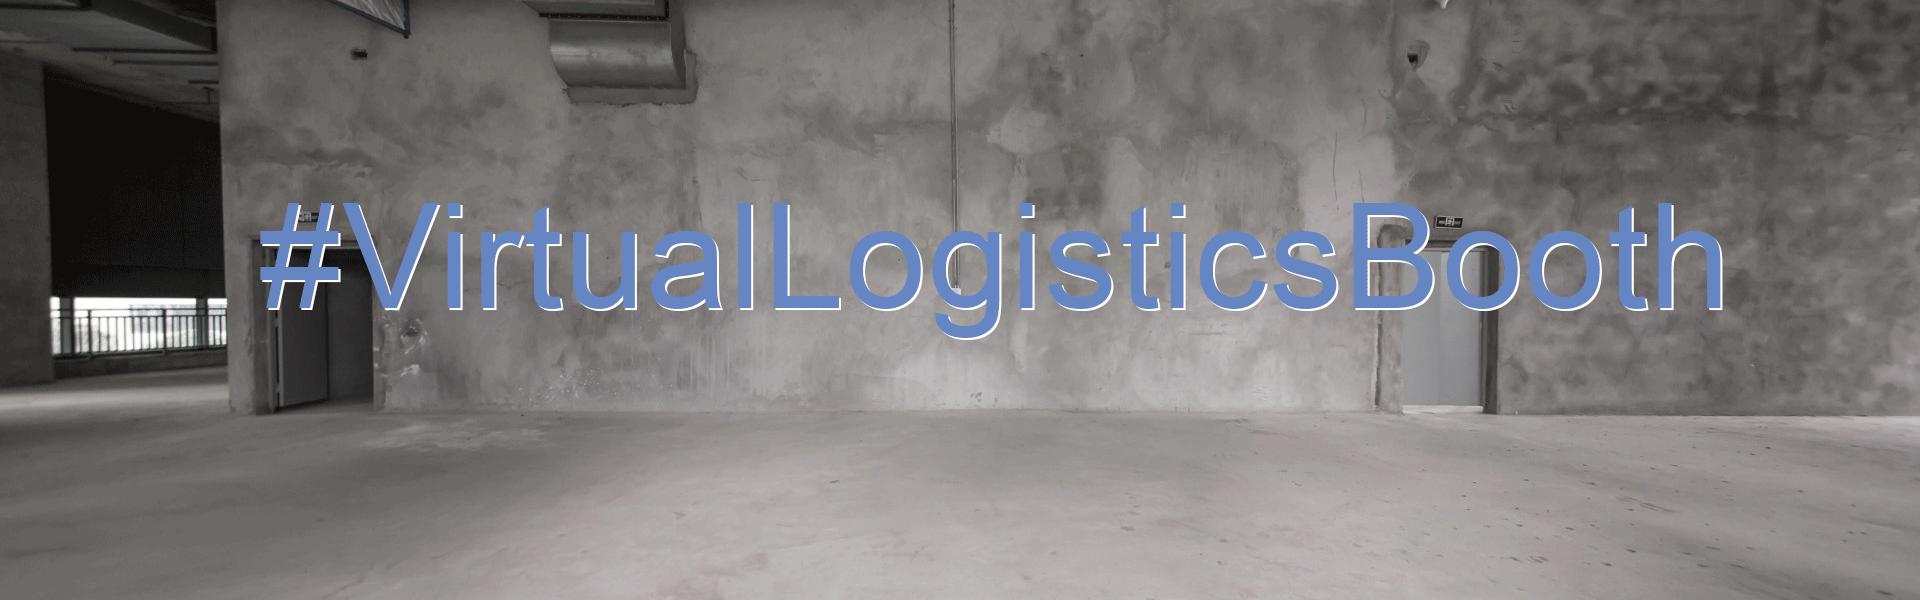 Header-HS-LP-VirtualLogisticsBooth-NDBS-1